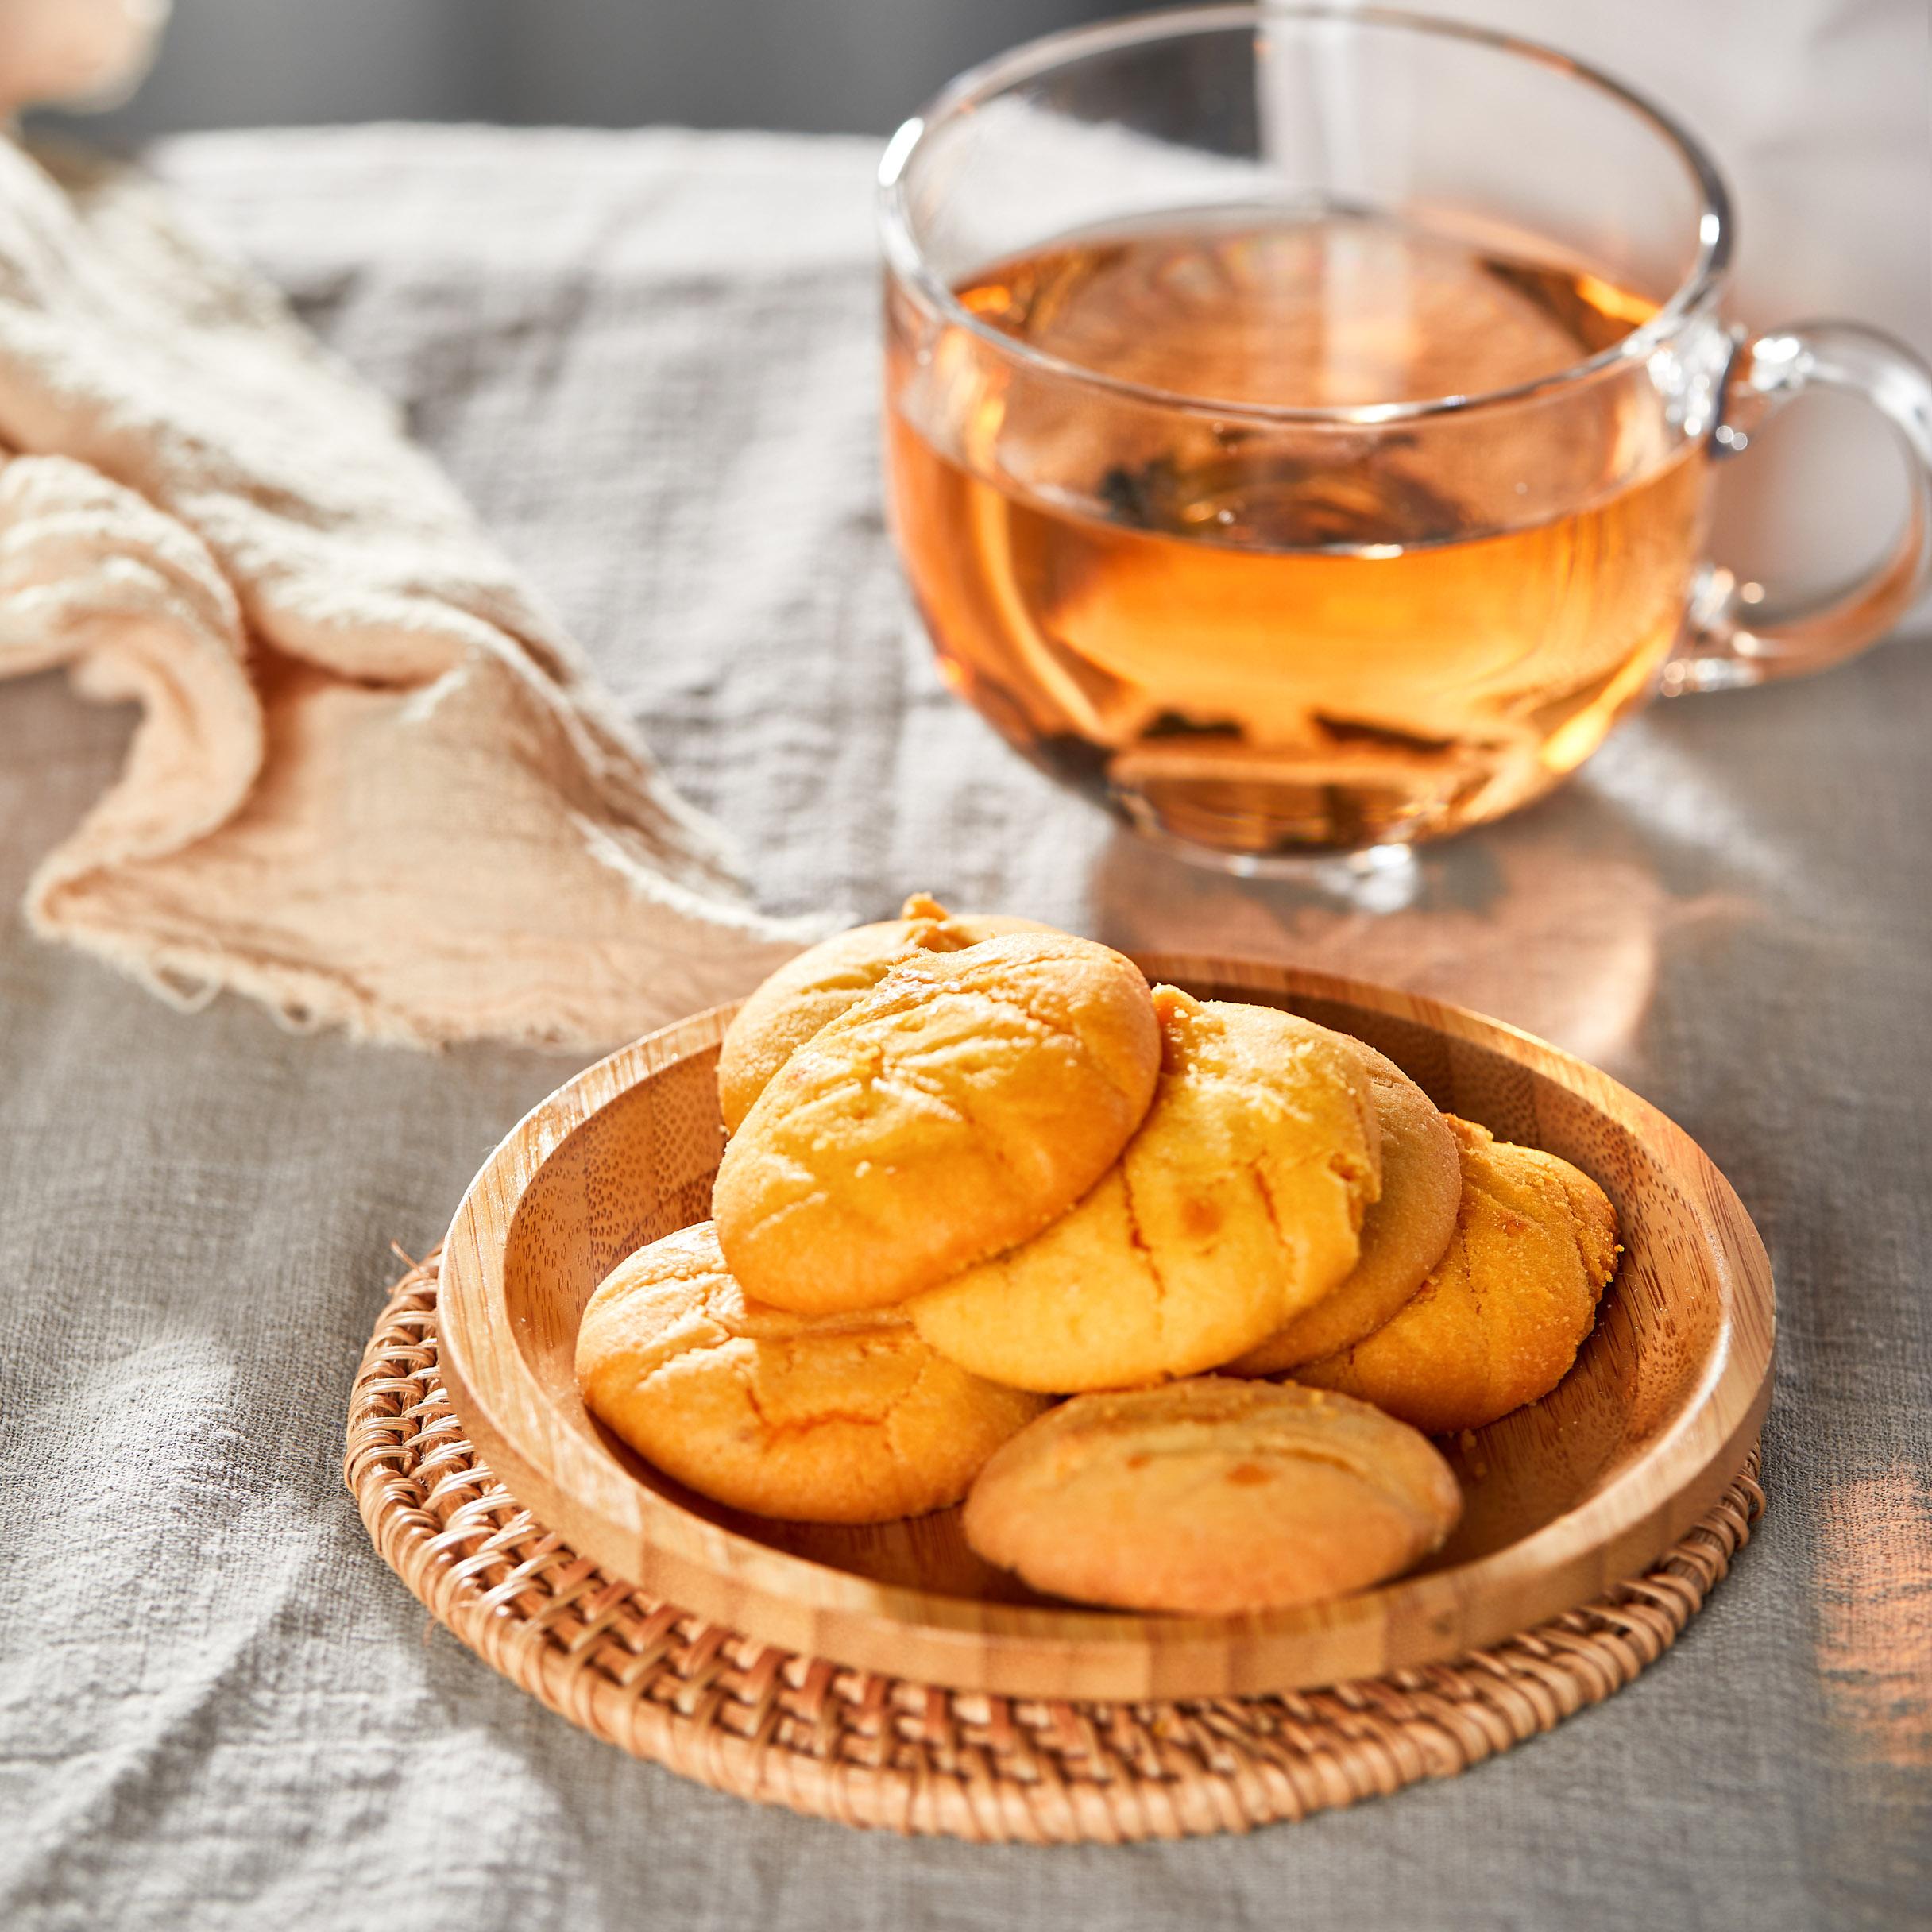 芒果爆浆软流夹心曲奇饼干酥 150g/袋 糕点心吃货充饥小零食夜宵